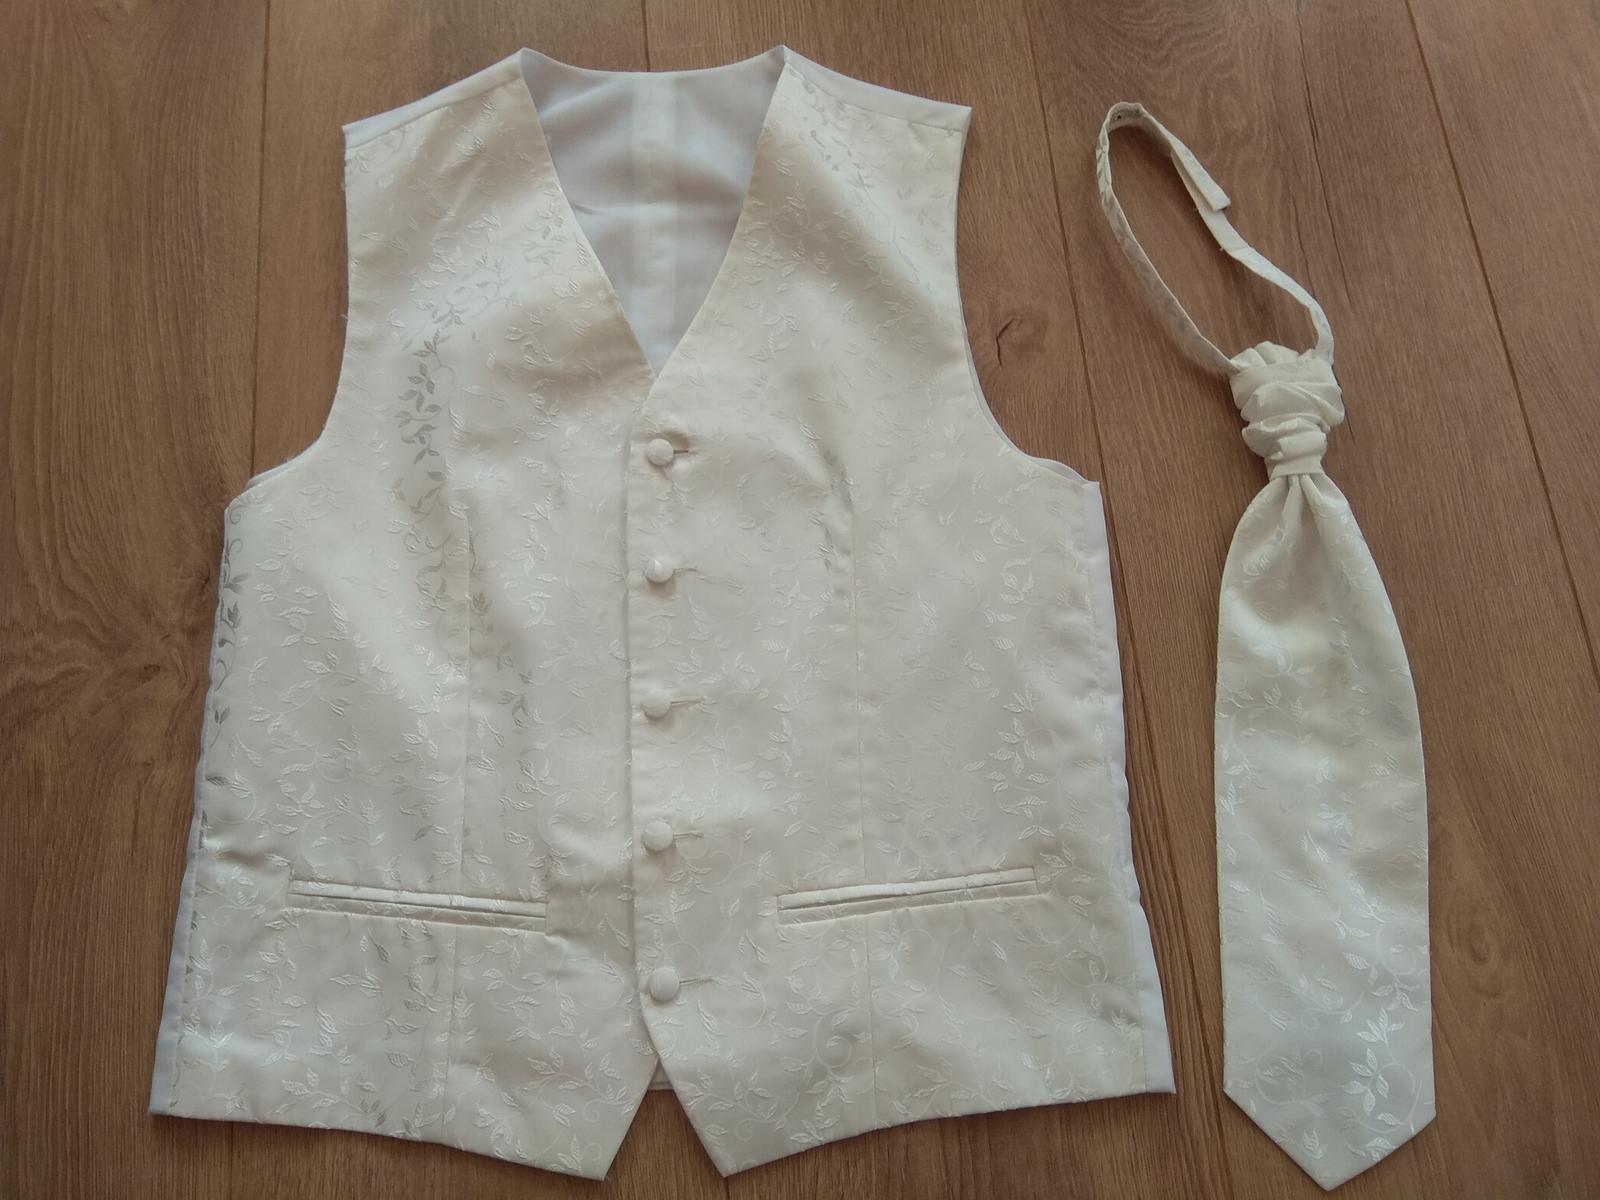 Svadobna vesta s kravatou  - Obrázok č. 1